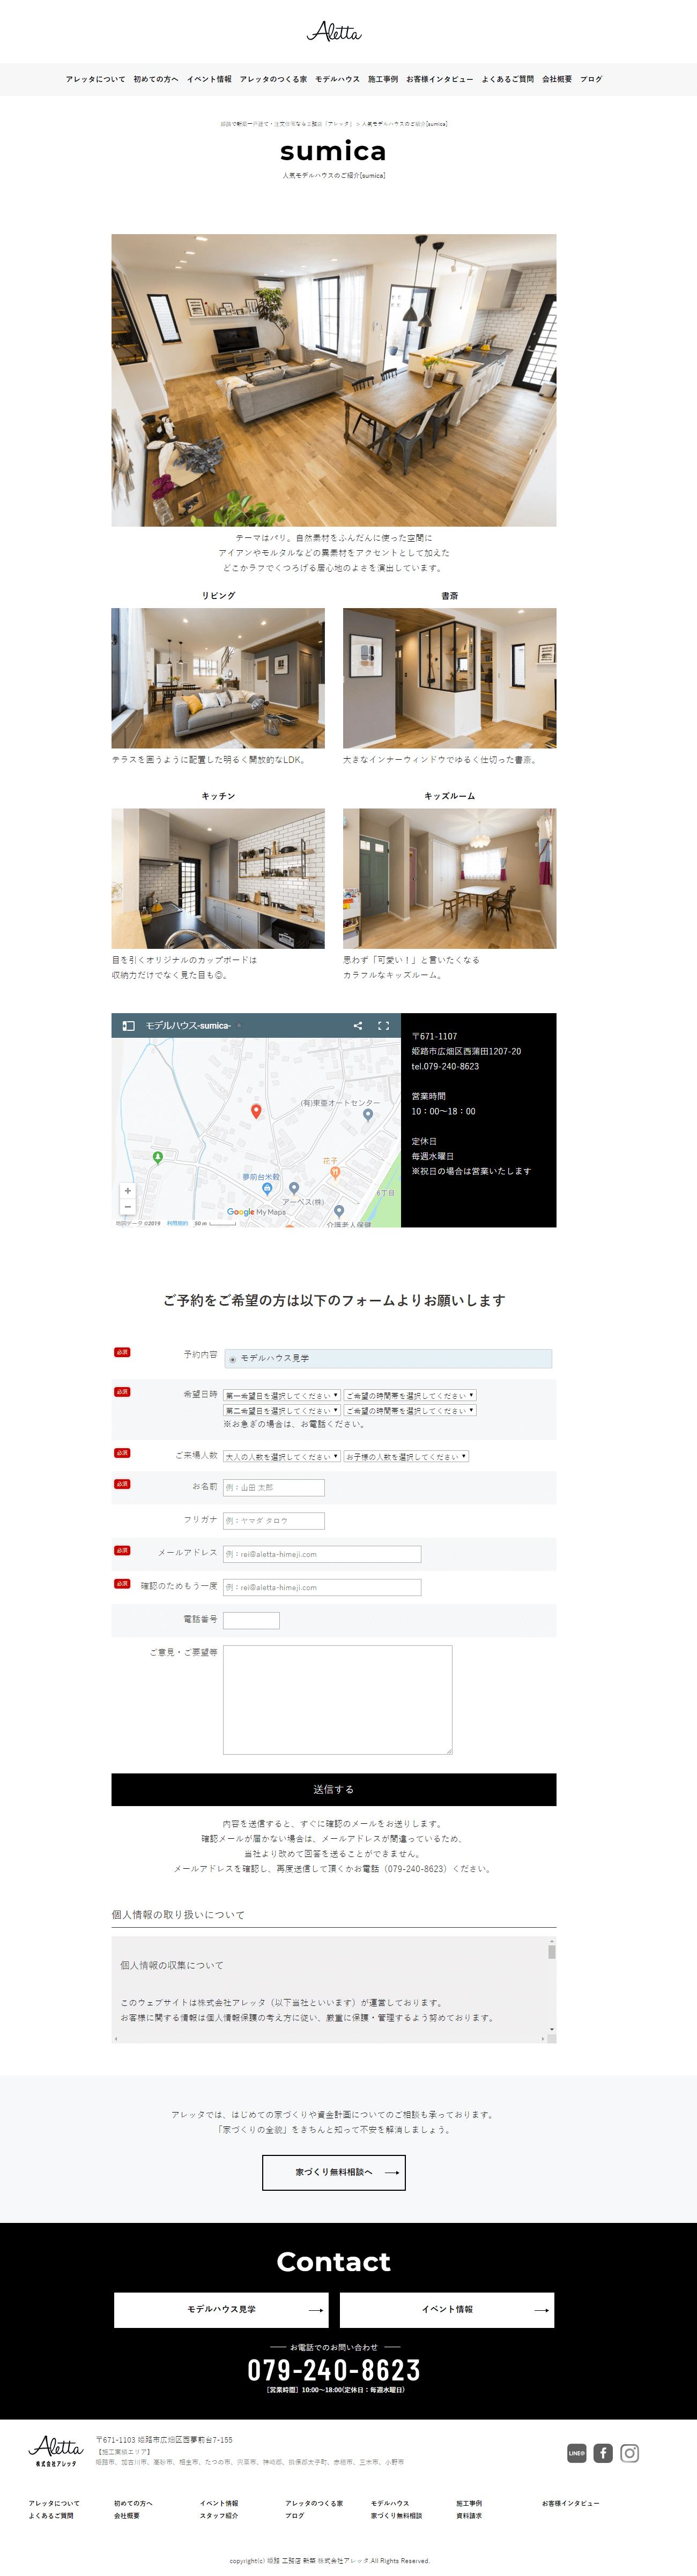 姫路市 株式会社アレッタ ホームページ制作2